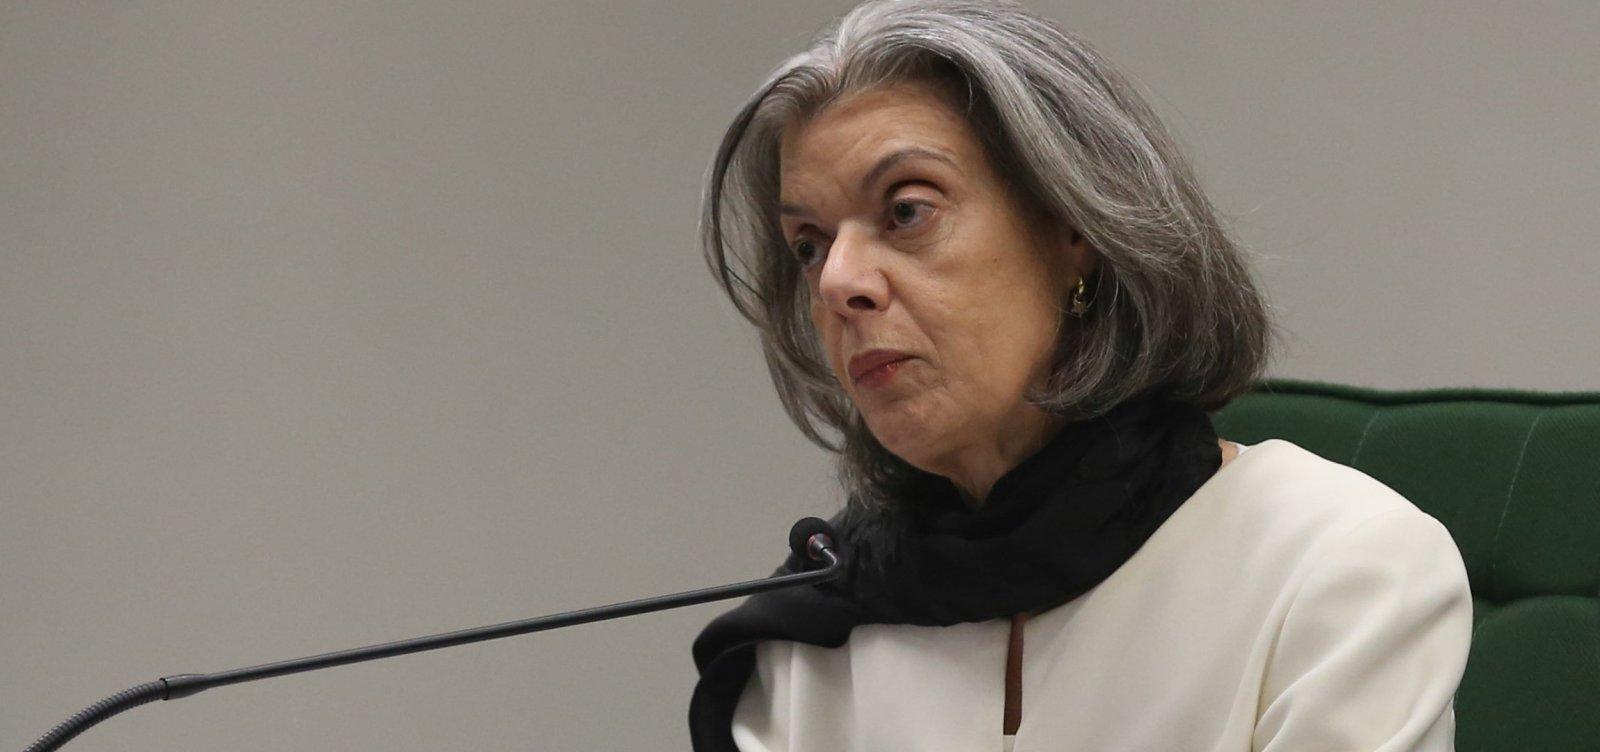 Mundo vive mudança 'perigosamente conservadora', diz Cármen Lúcia